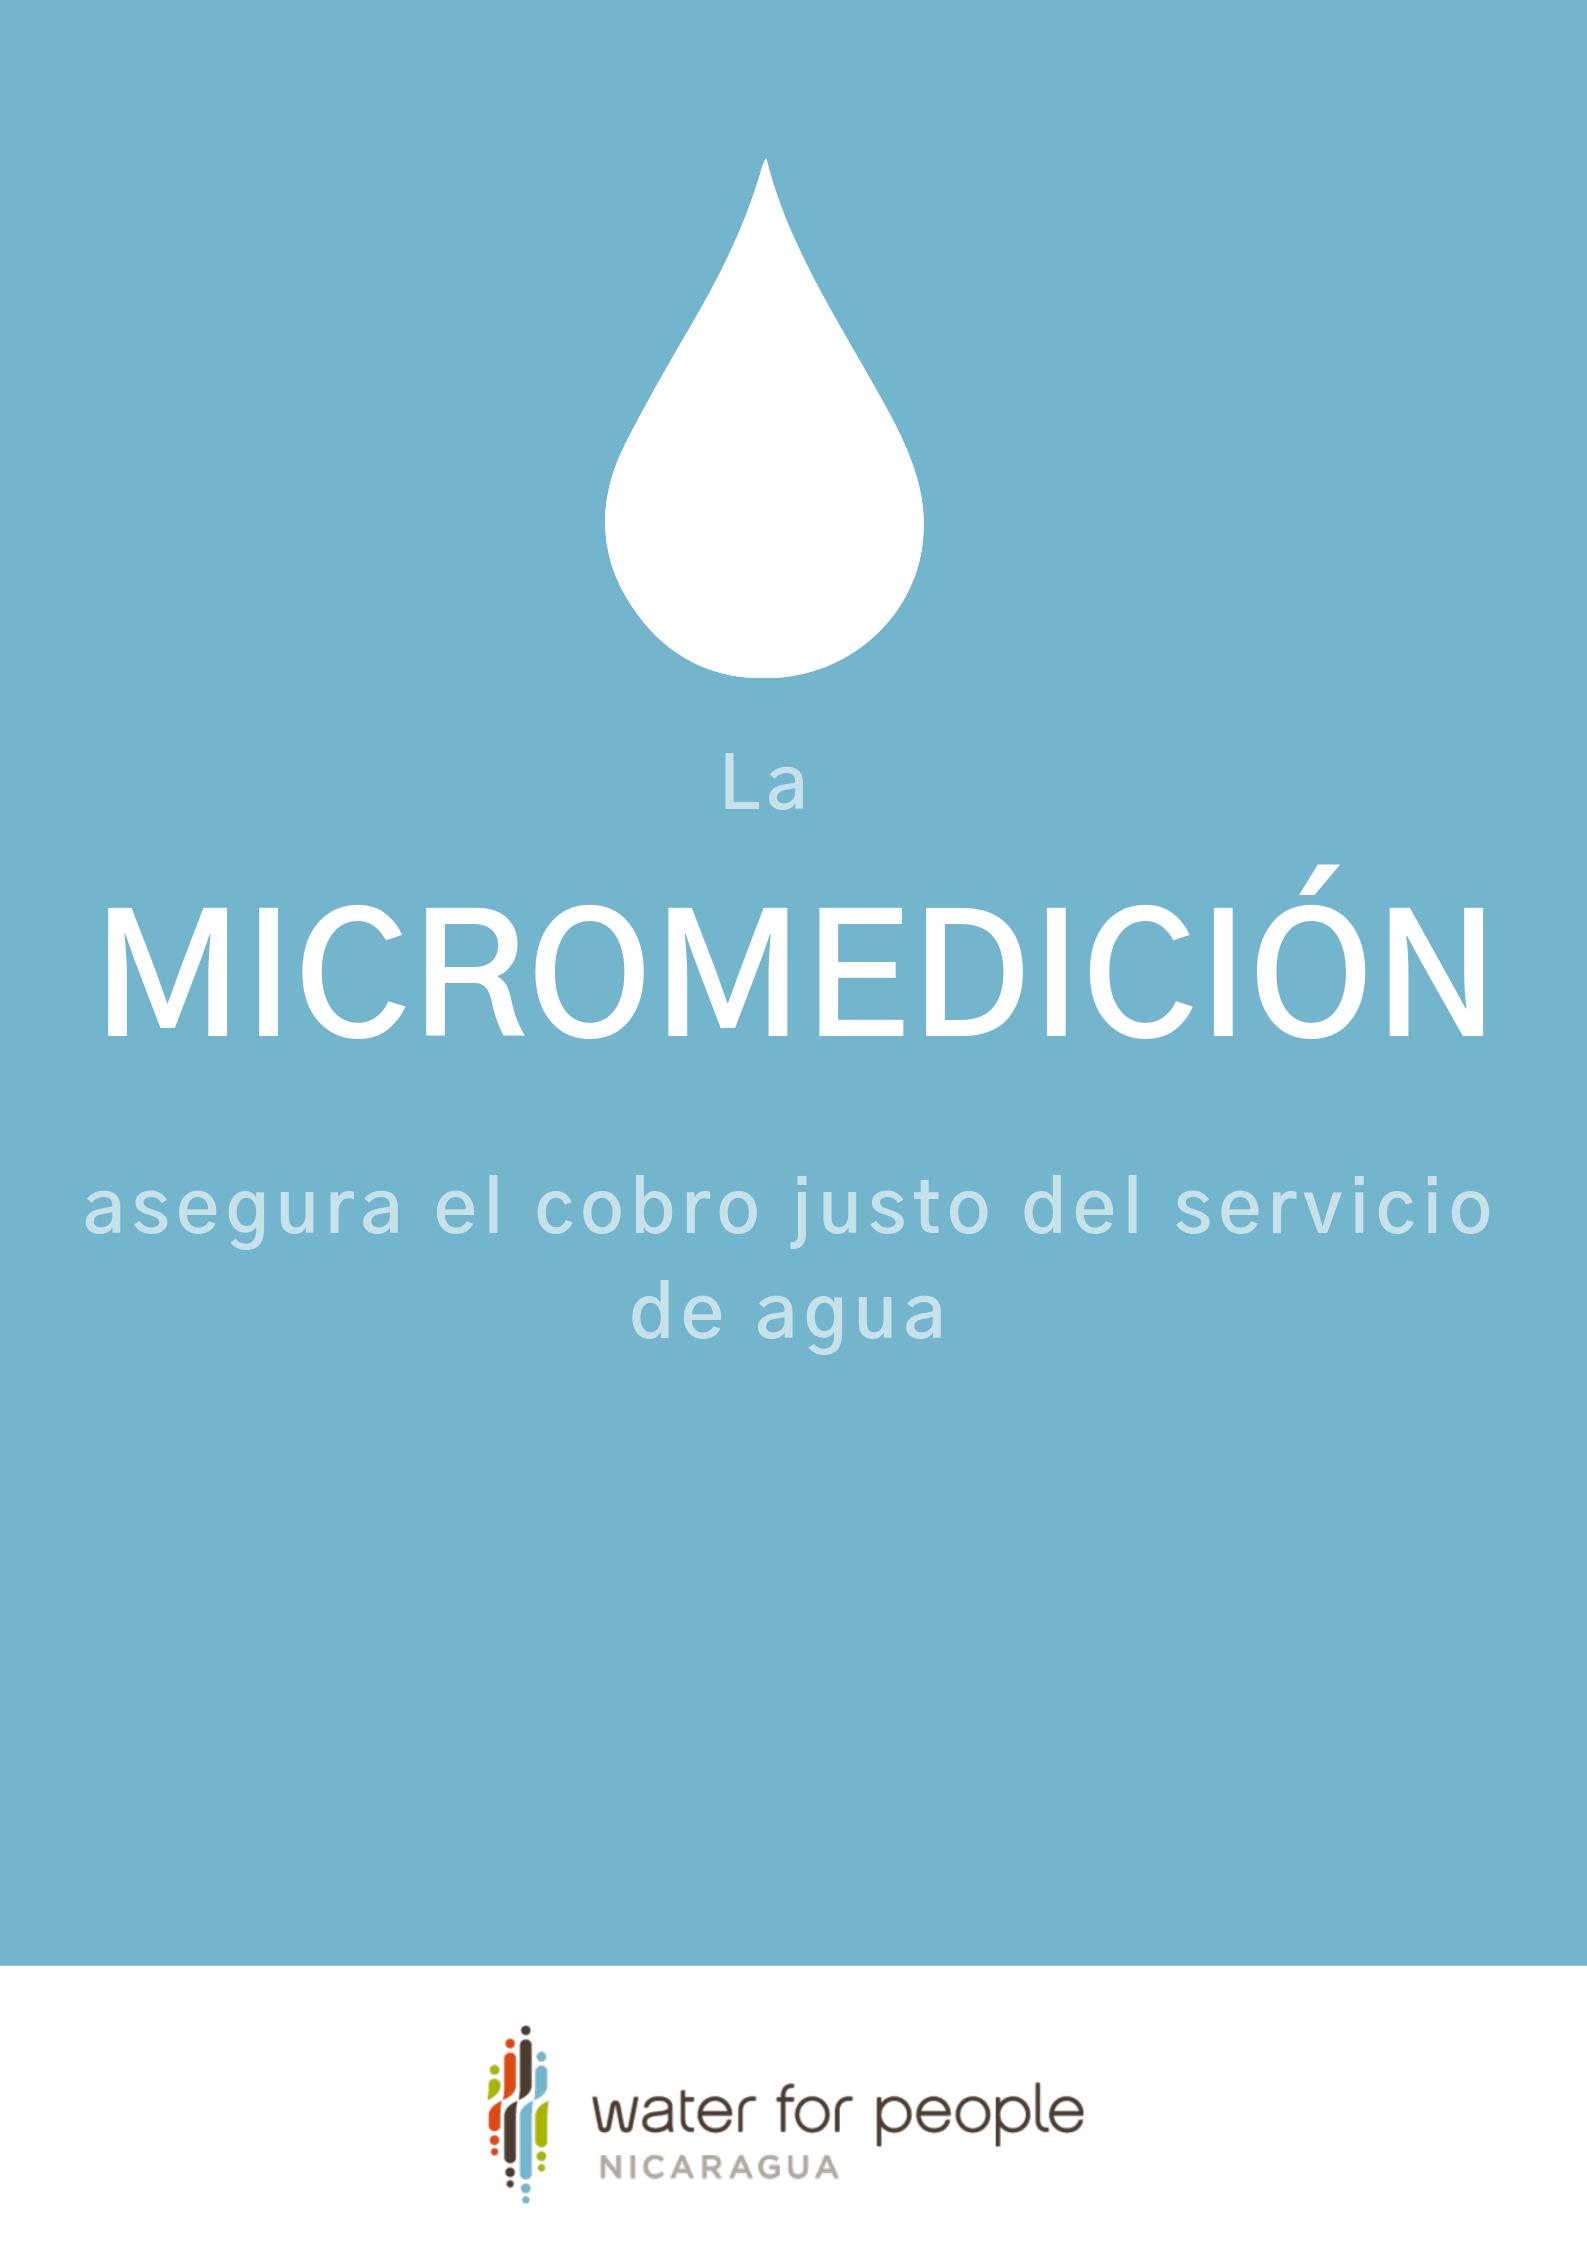 La Micromedición segura cobro justo